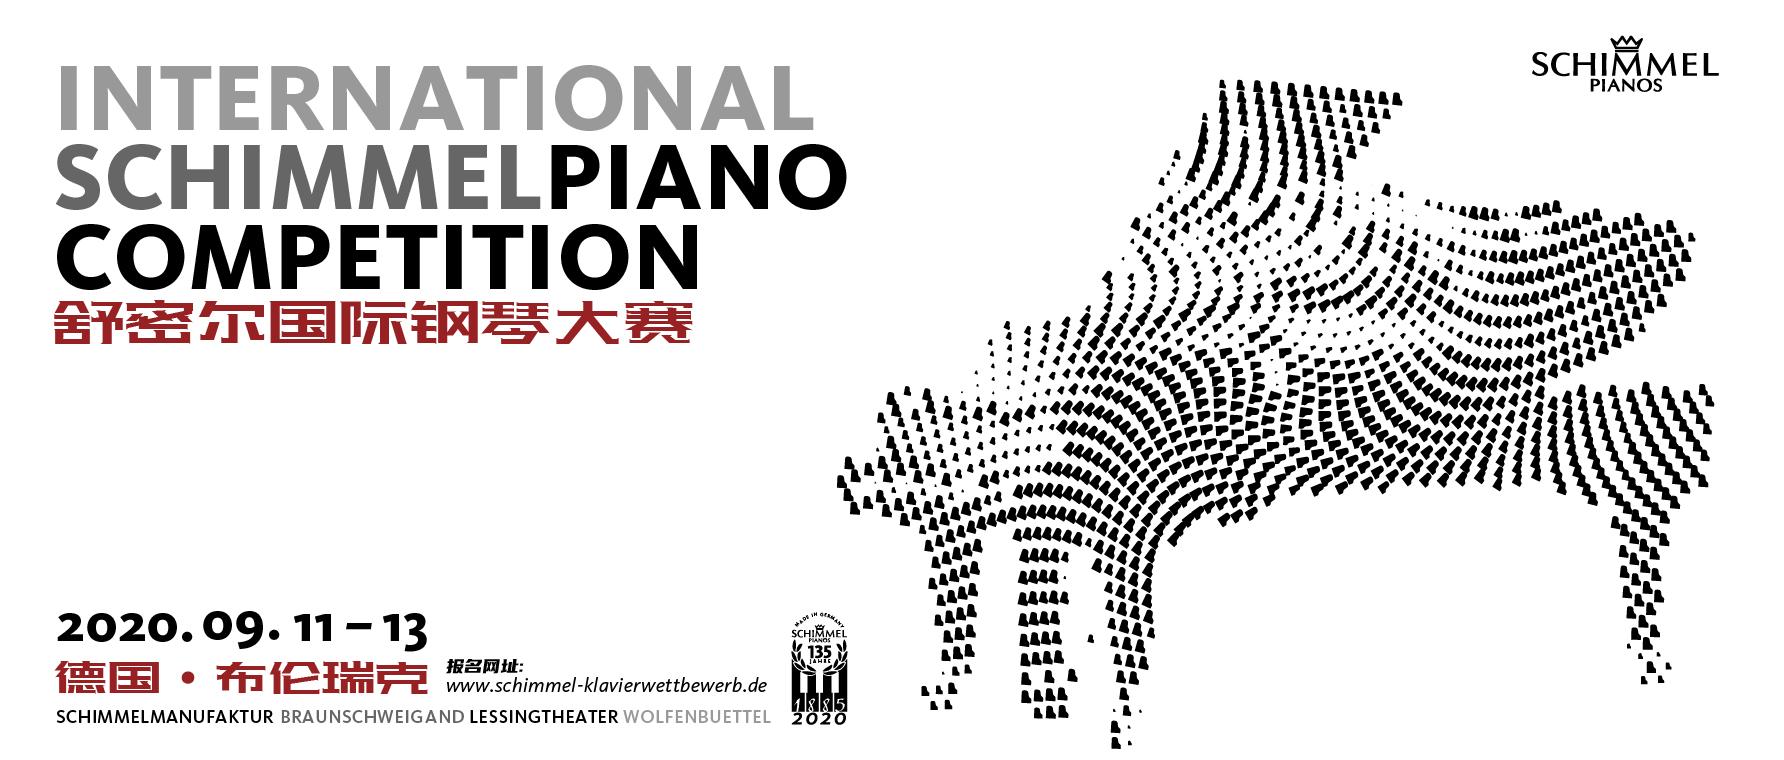 2020 SCHIMMEL国际钢琴大赛指引